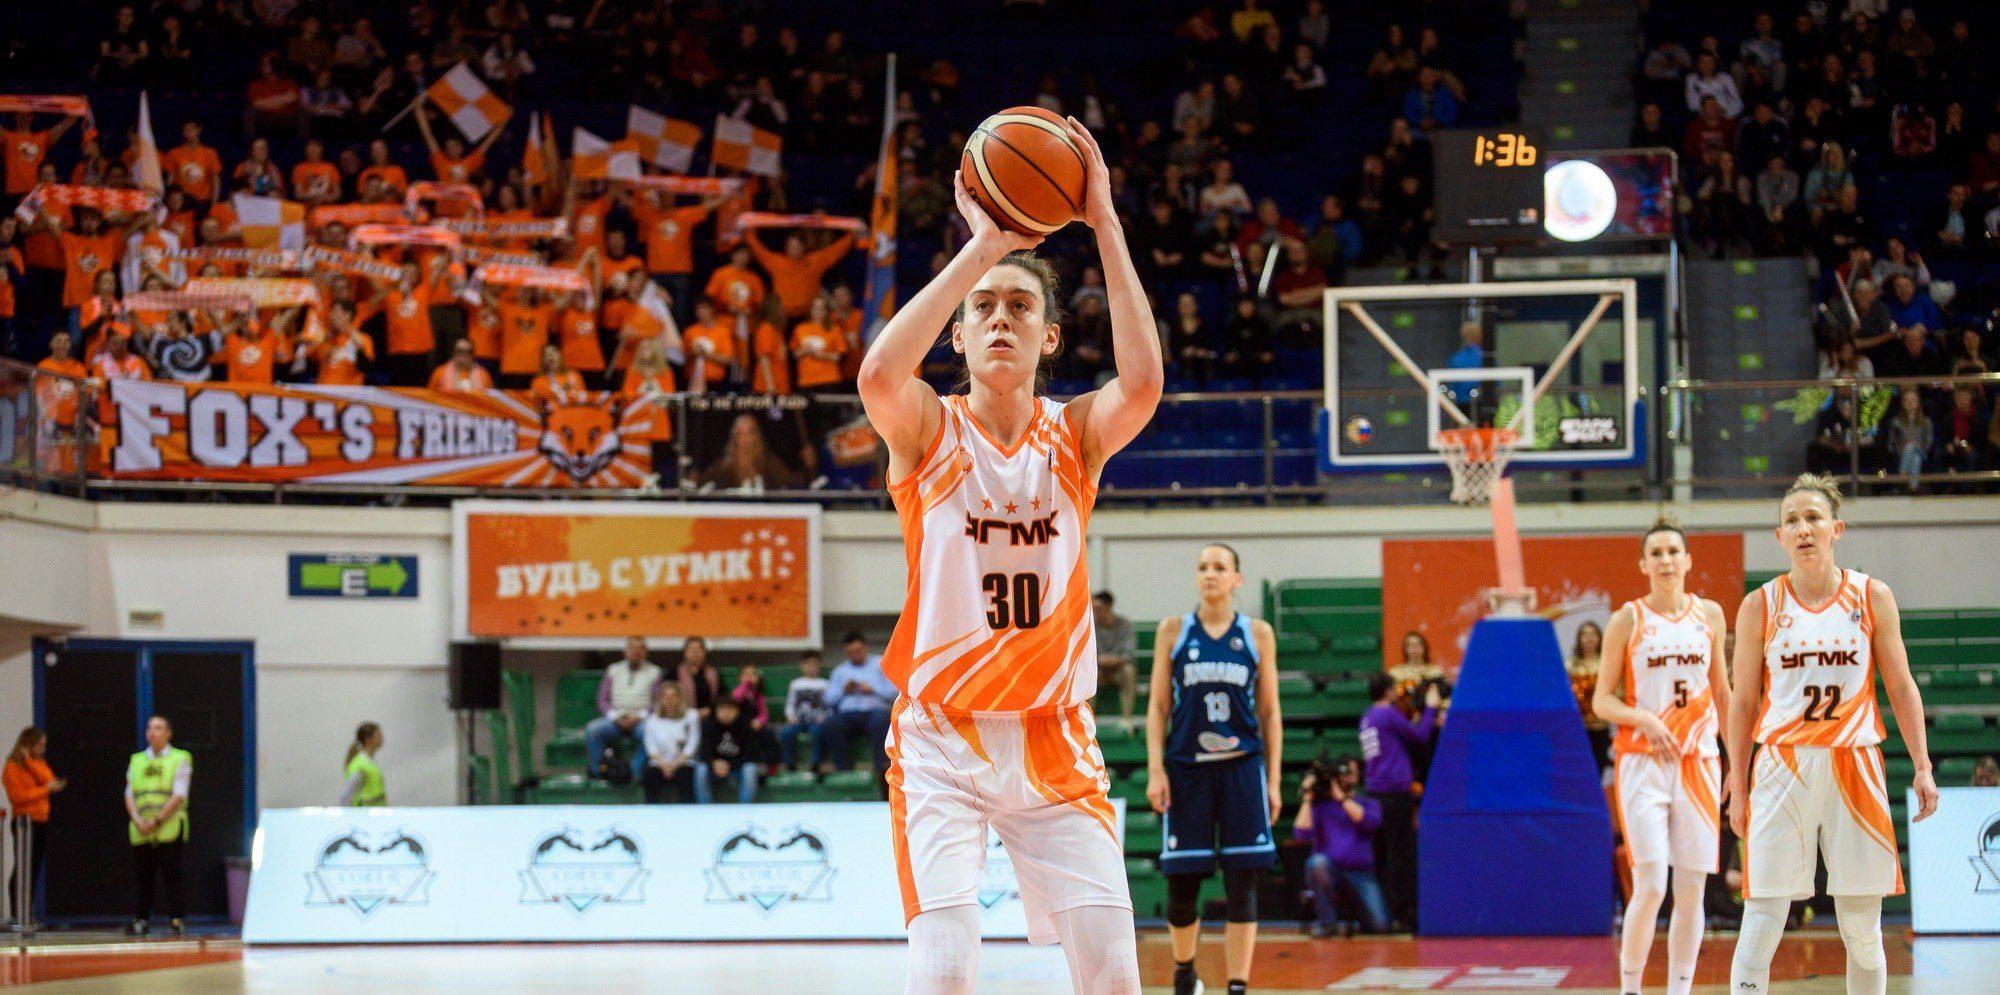 Previa de EuroLeague: UMMC Ekaterinburg contra Dynamo Kursk